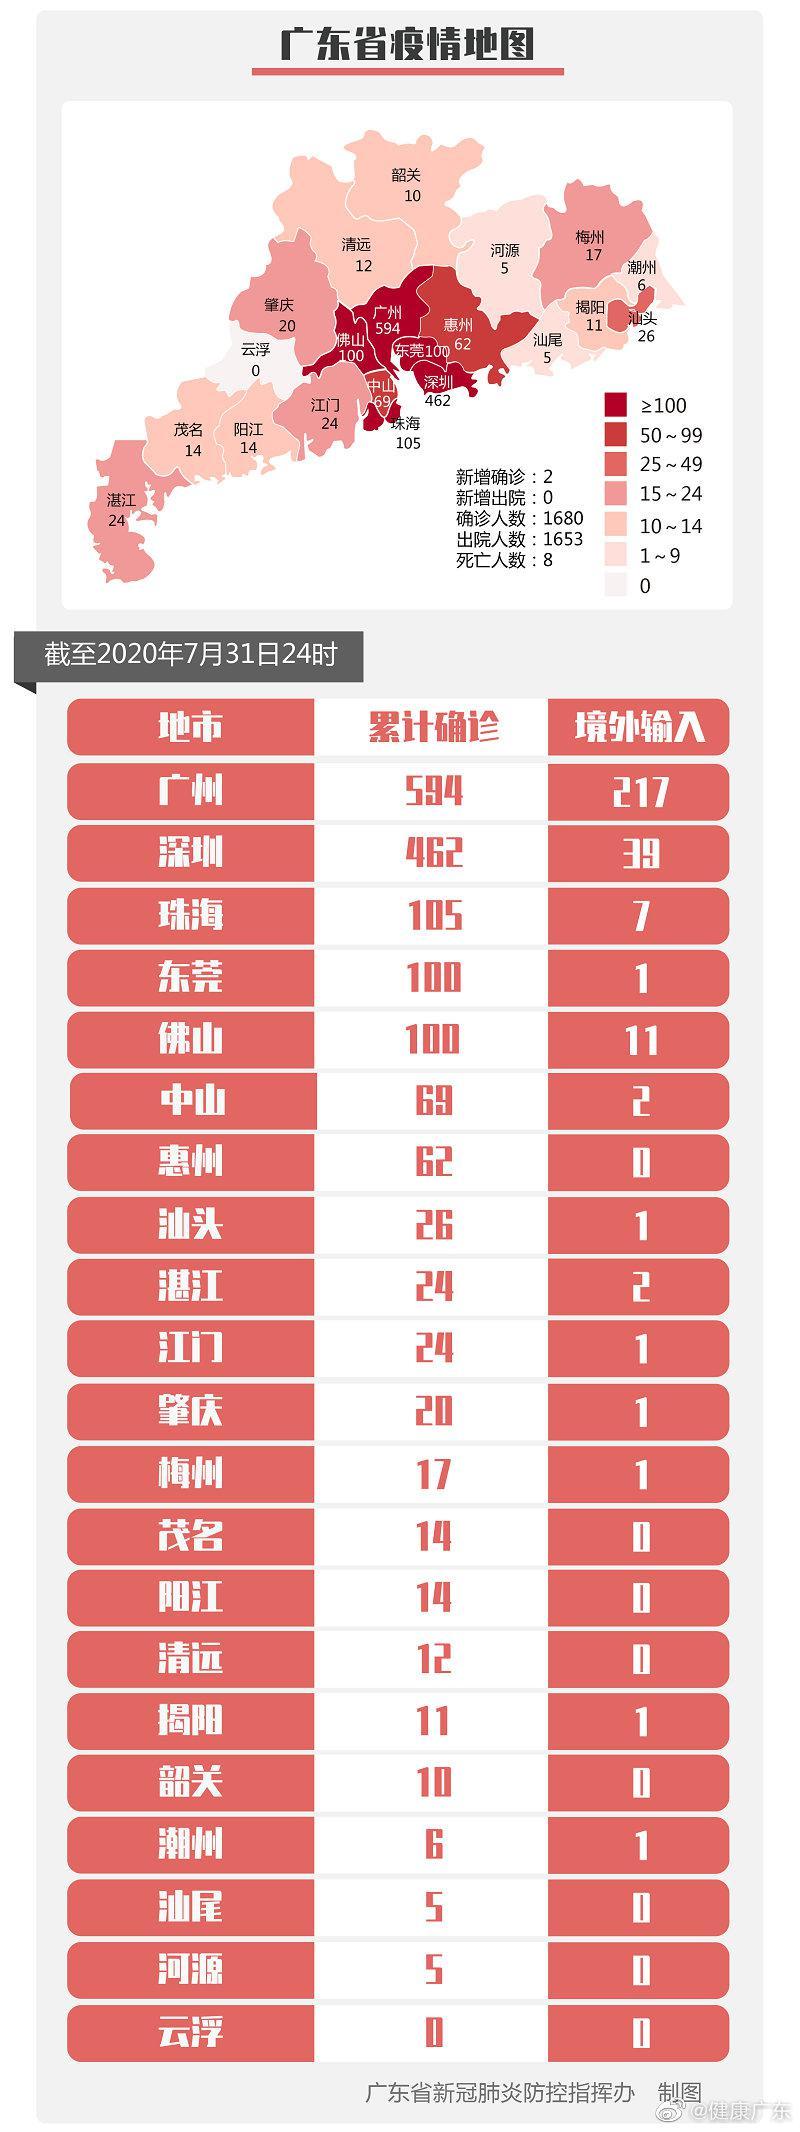 [赢咖3代理]月31广东新增赢咖3代理境外输入确诊图片